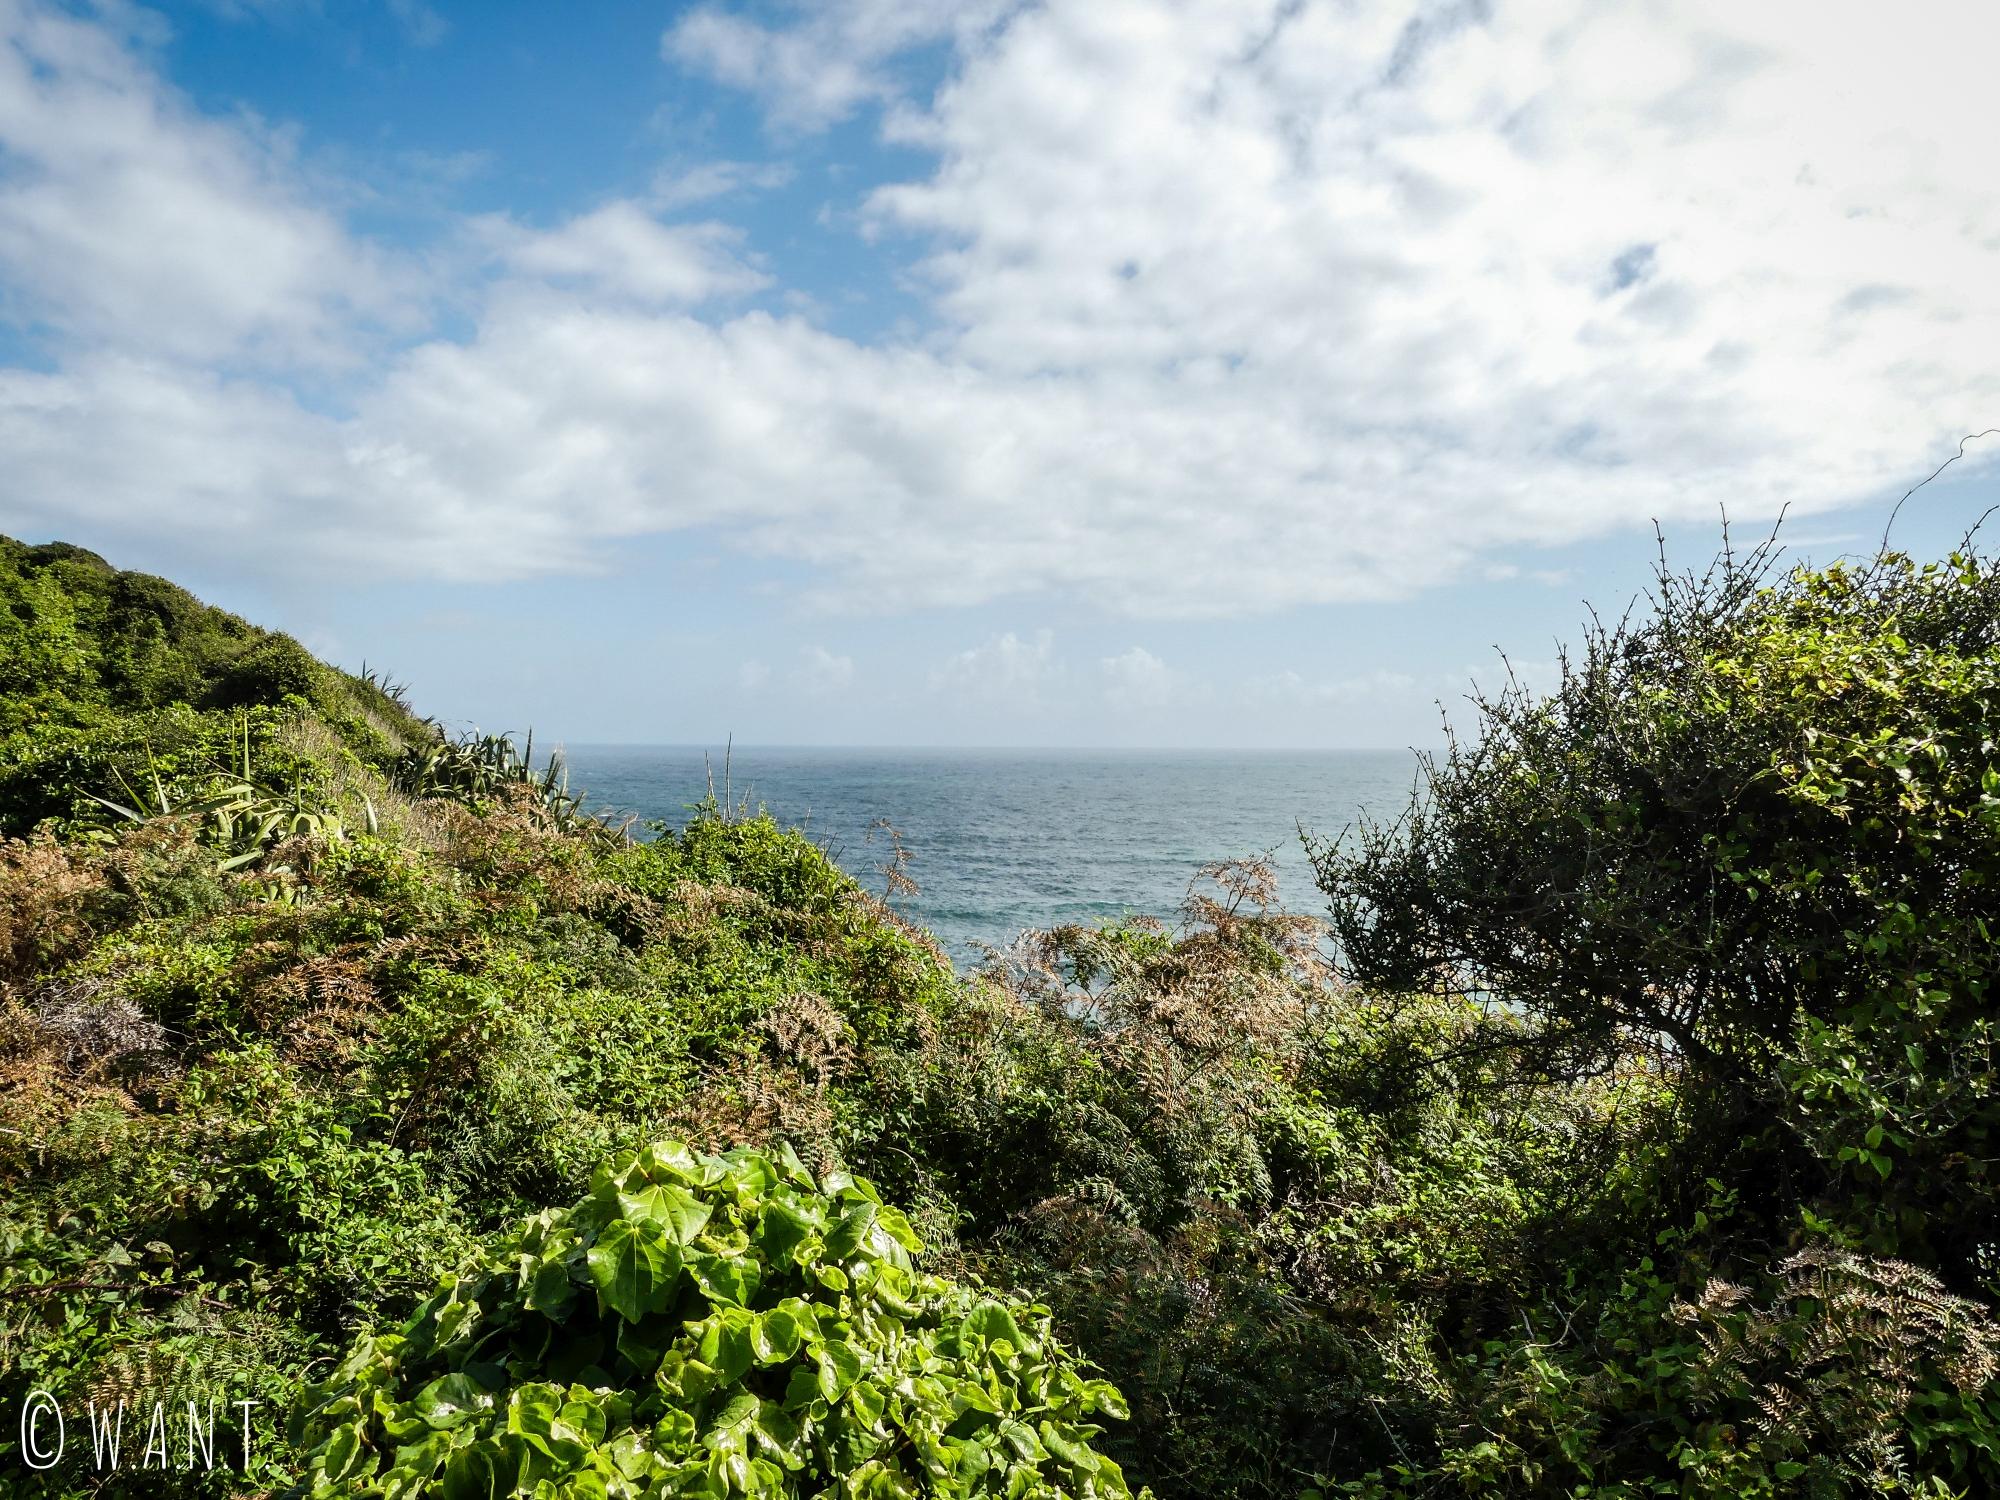 Végétation et mer au Cape Foulwind en Nouvelle-Zélande